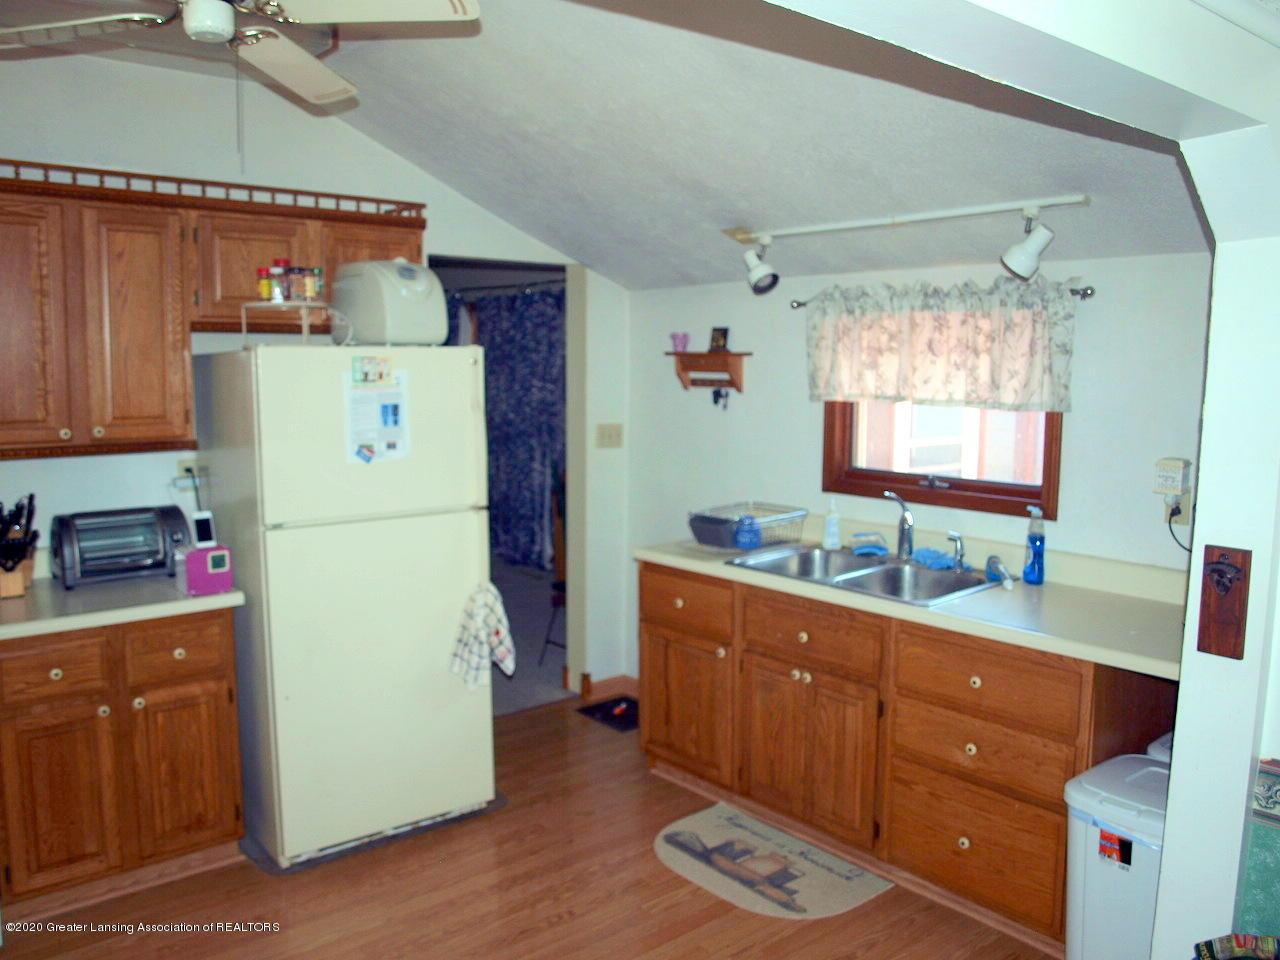 300 S Swegles St - kitchen - 14